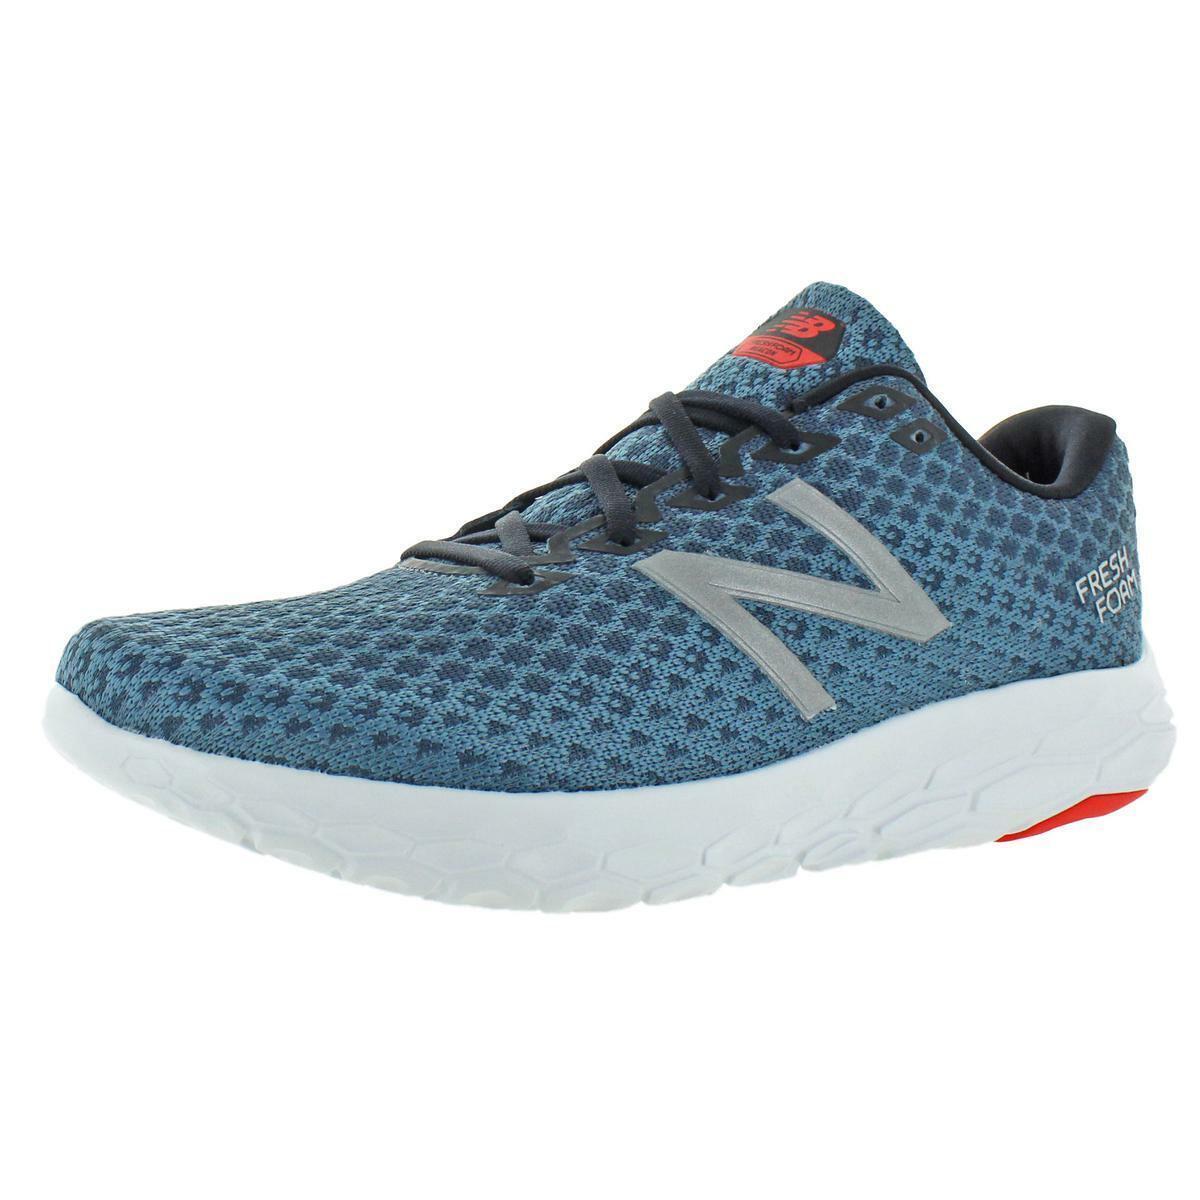 New Balance para Hombres Fresh espuma Beacon Acolchado Running Zapatos TENIS BHFO 4941